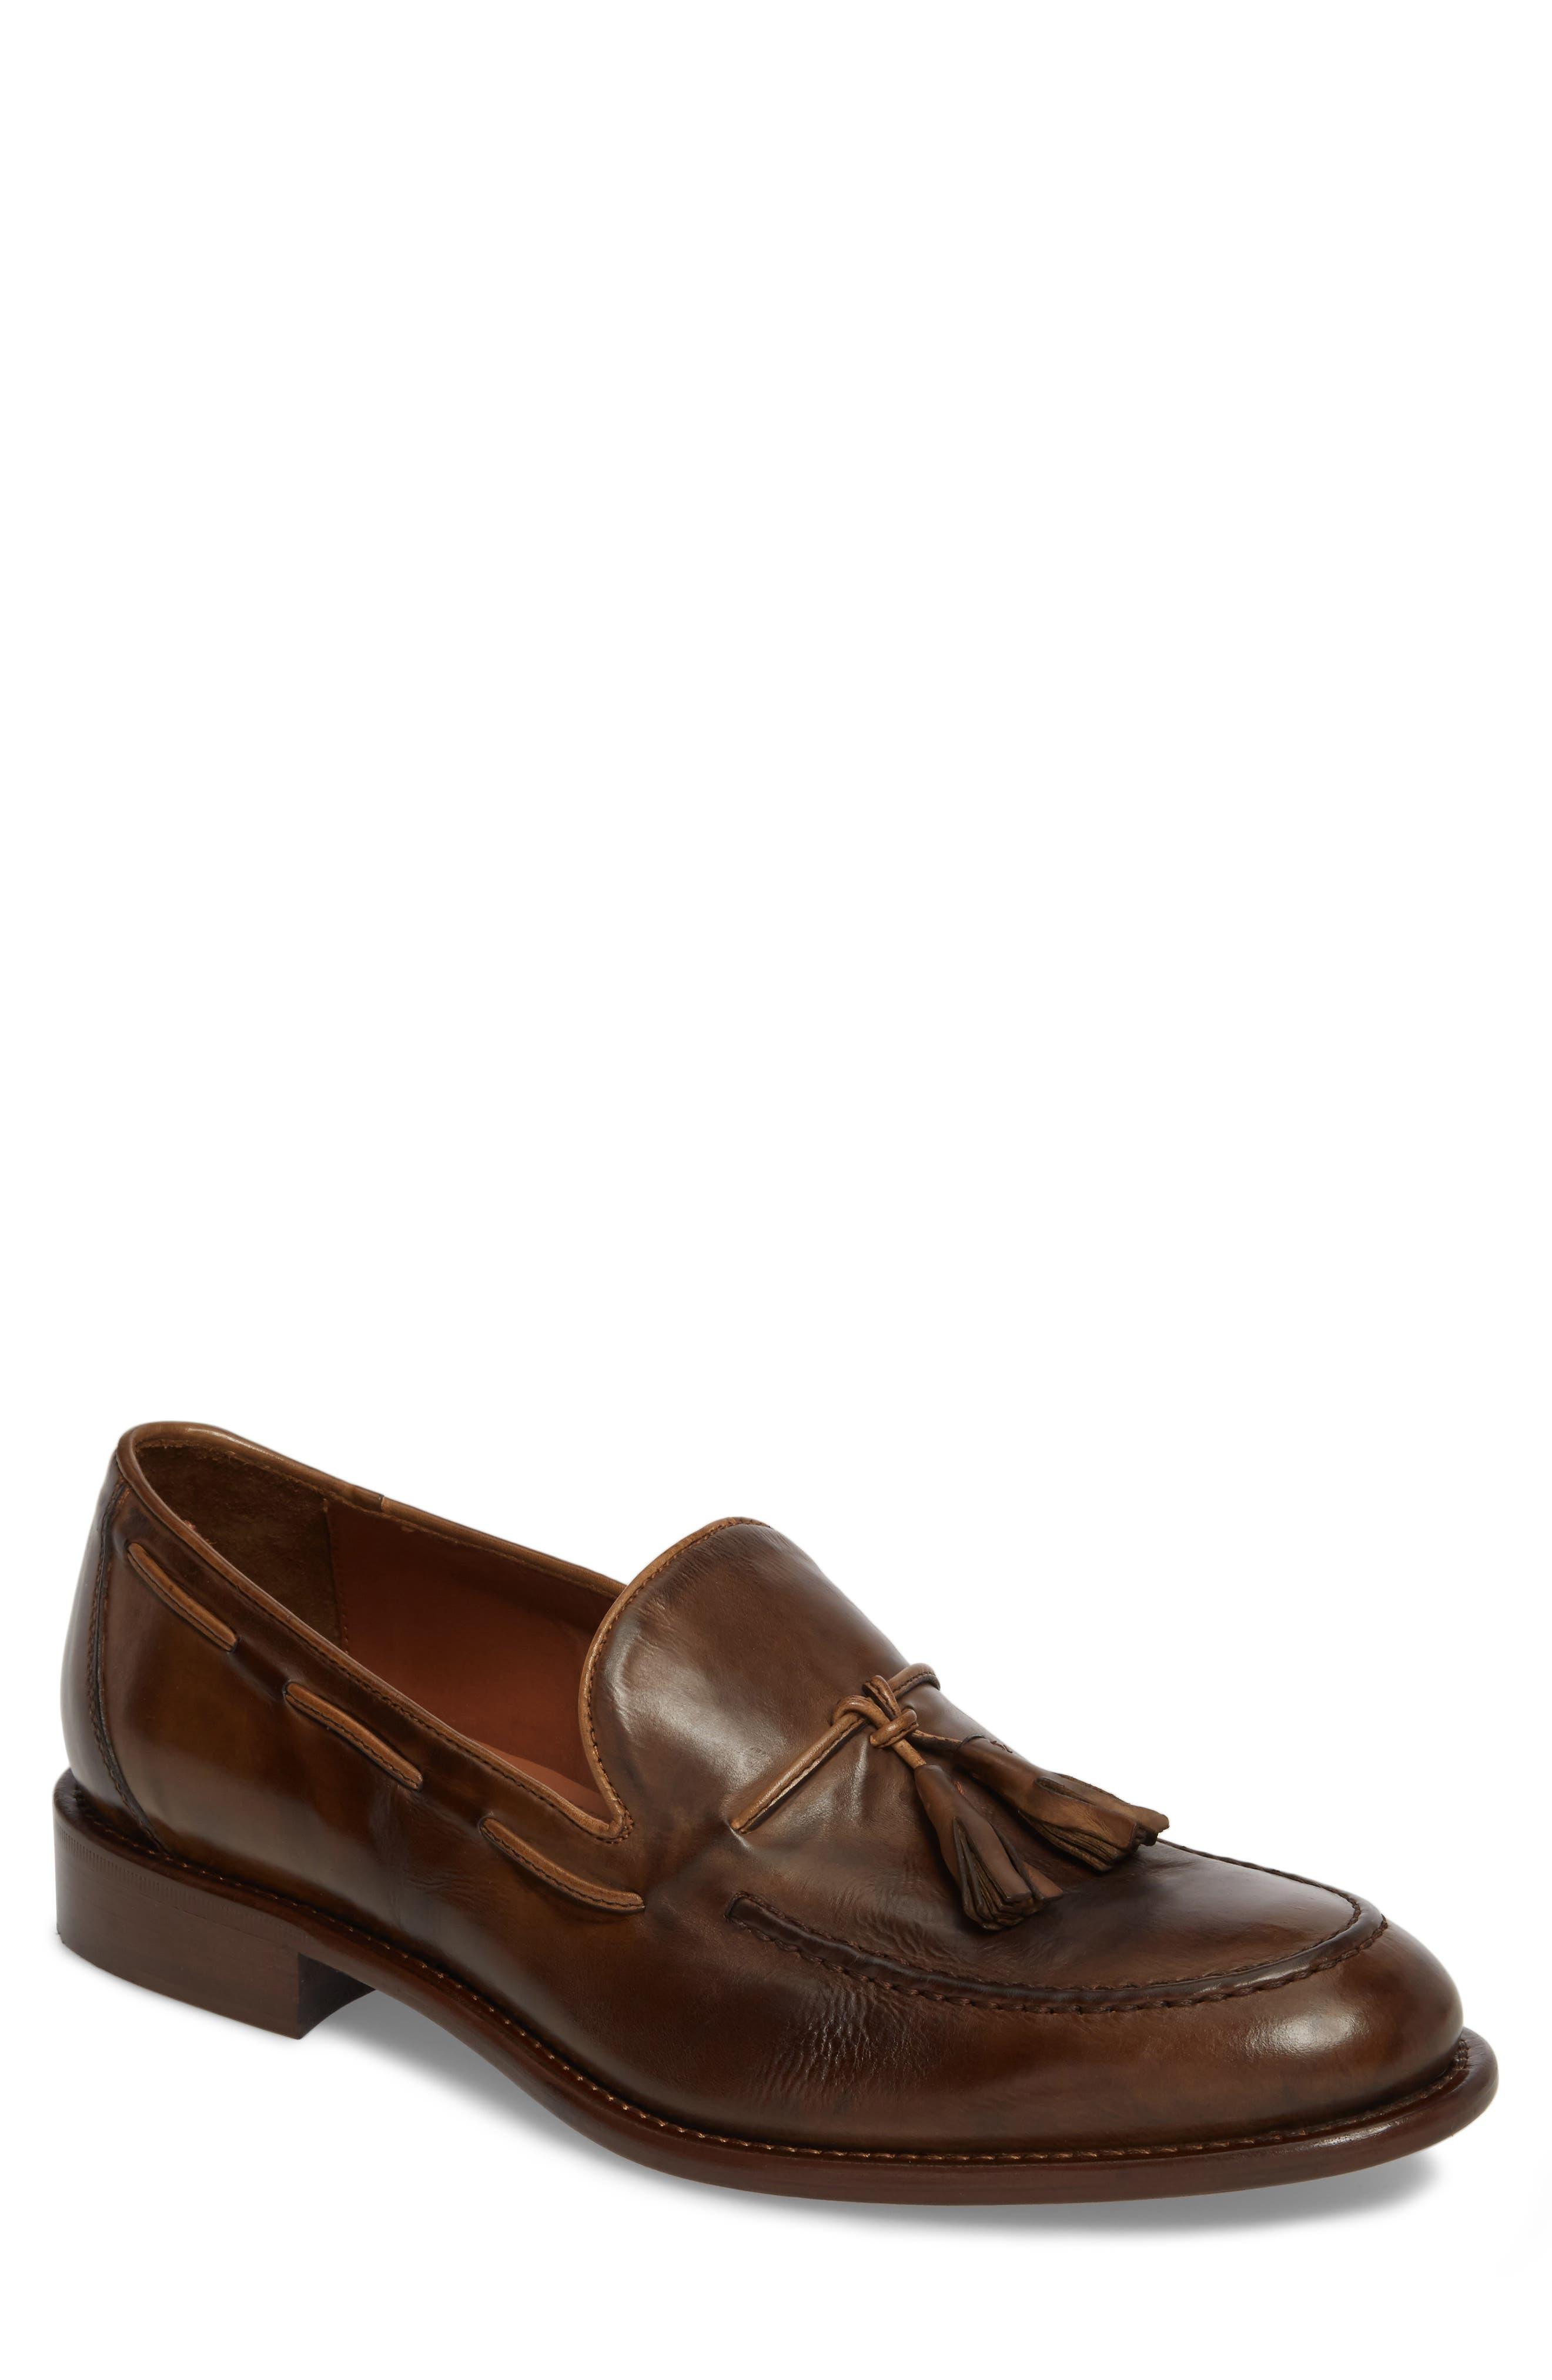 Bryson Tassel Loafer,                         Main,                         color, TOBACCO